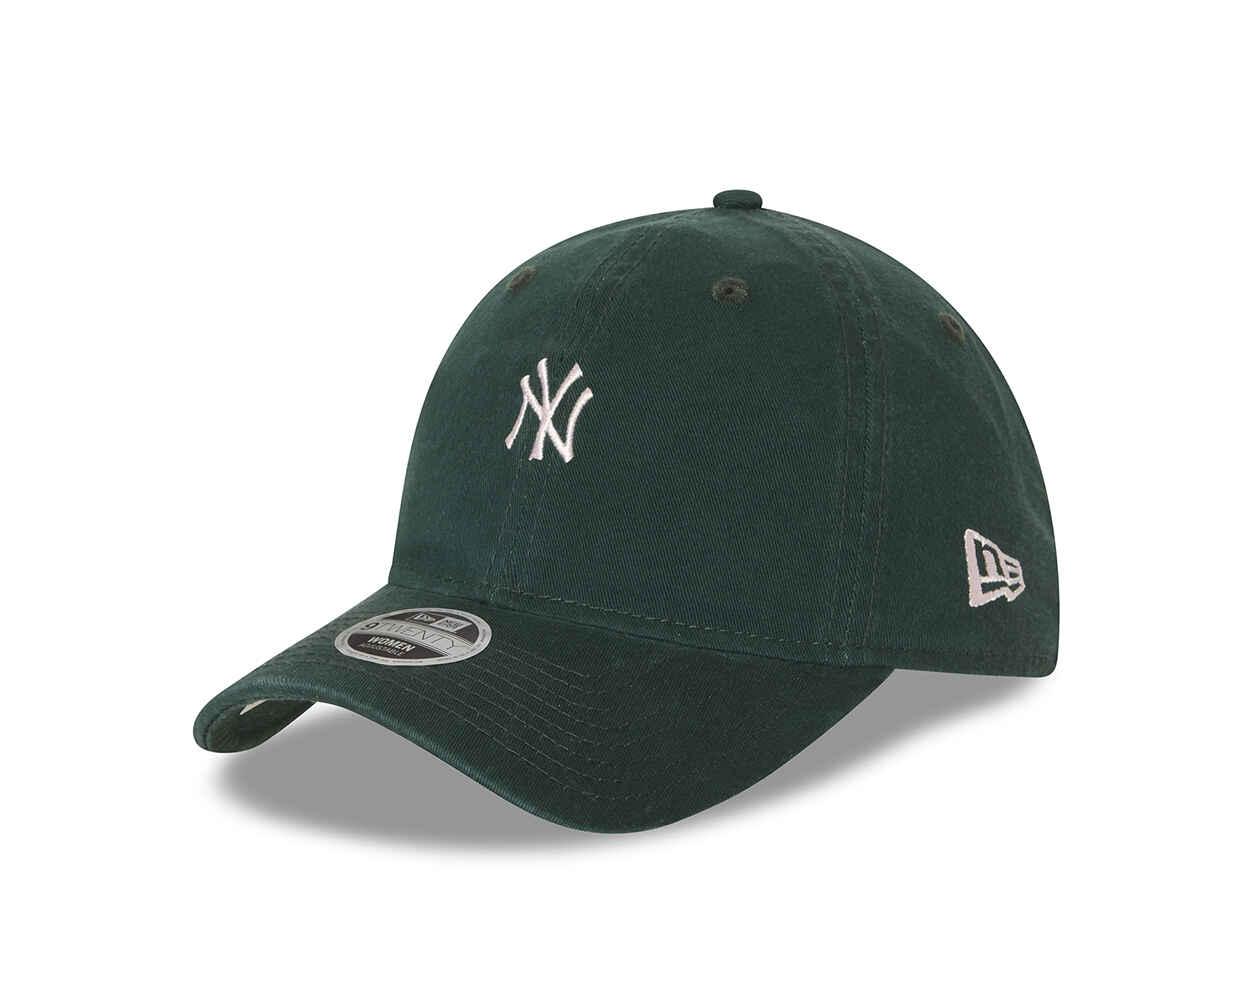 NEW ERA 920 CURVE PEAK CAP - NY - DARK GREEN  PINK - Mens-Accessories    Sequence Surf Shop - NEW ERA S18 3e2a24f8b97